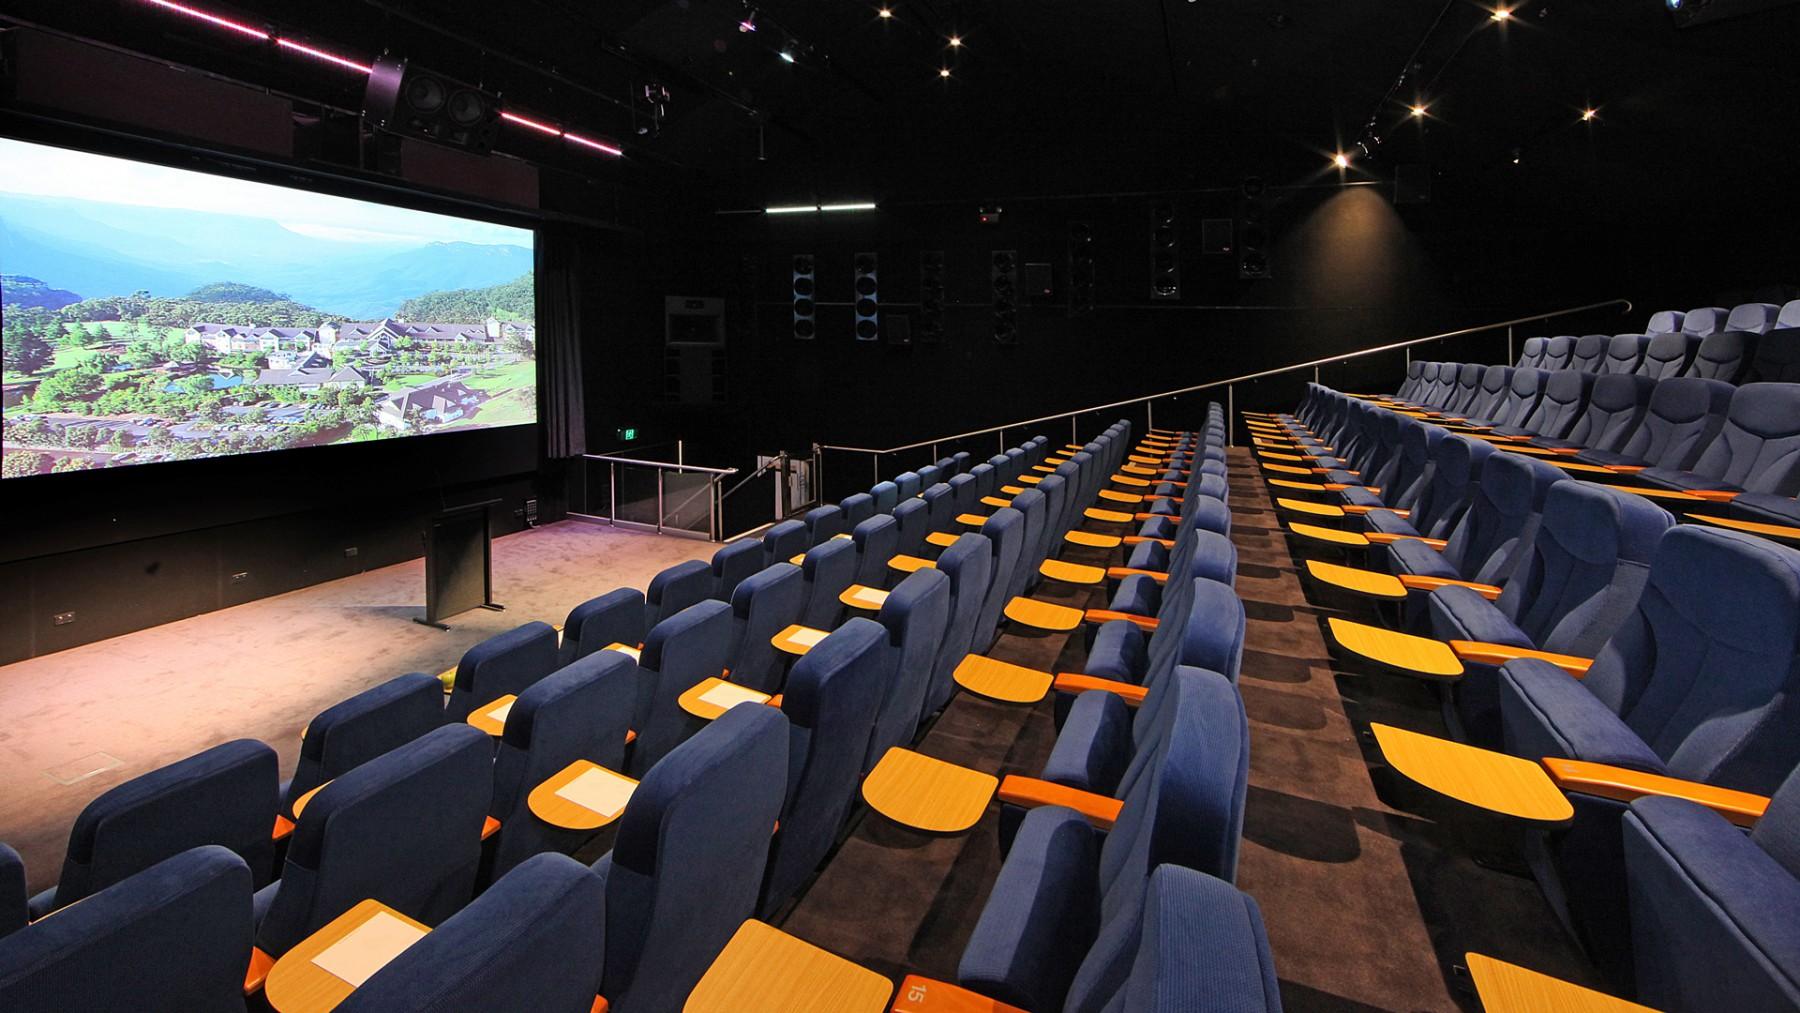 meetings-auditorium1.jpg